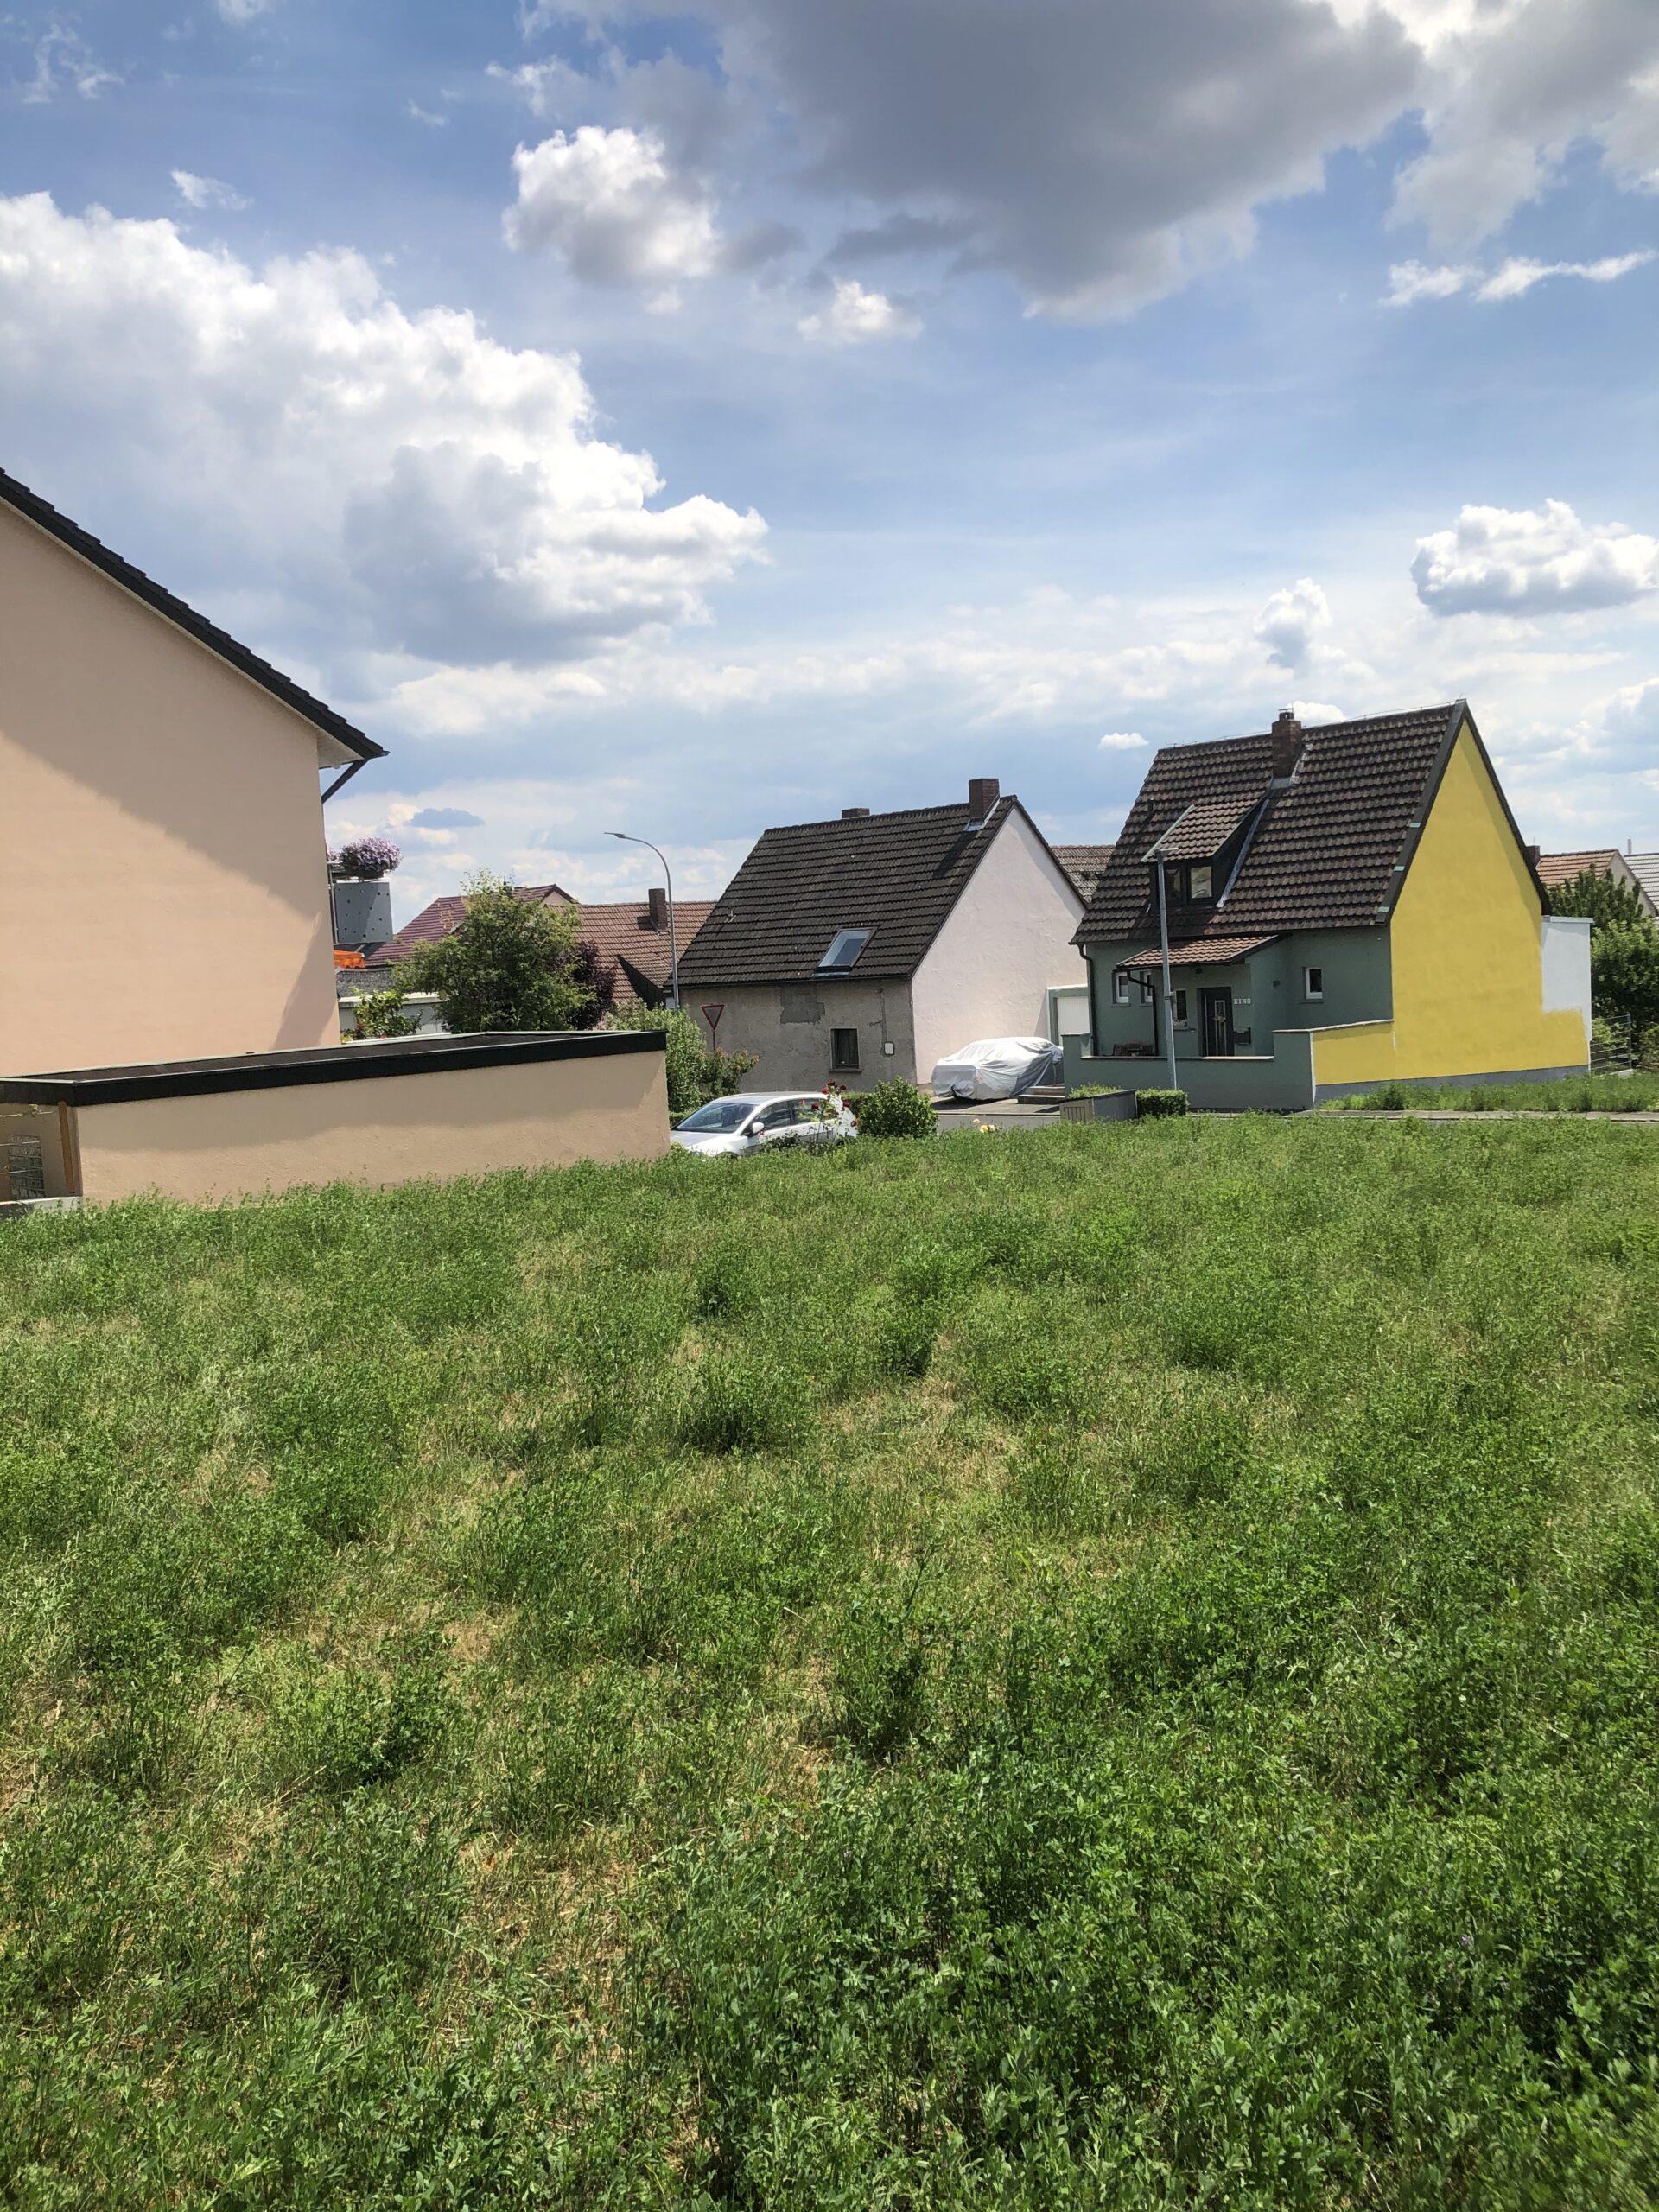 Grundstuek - Eichenstrasse 6 - Weyer (4)